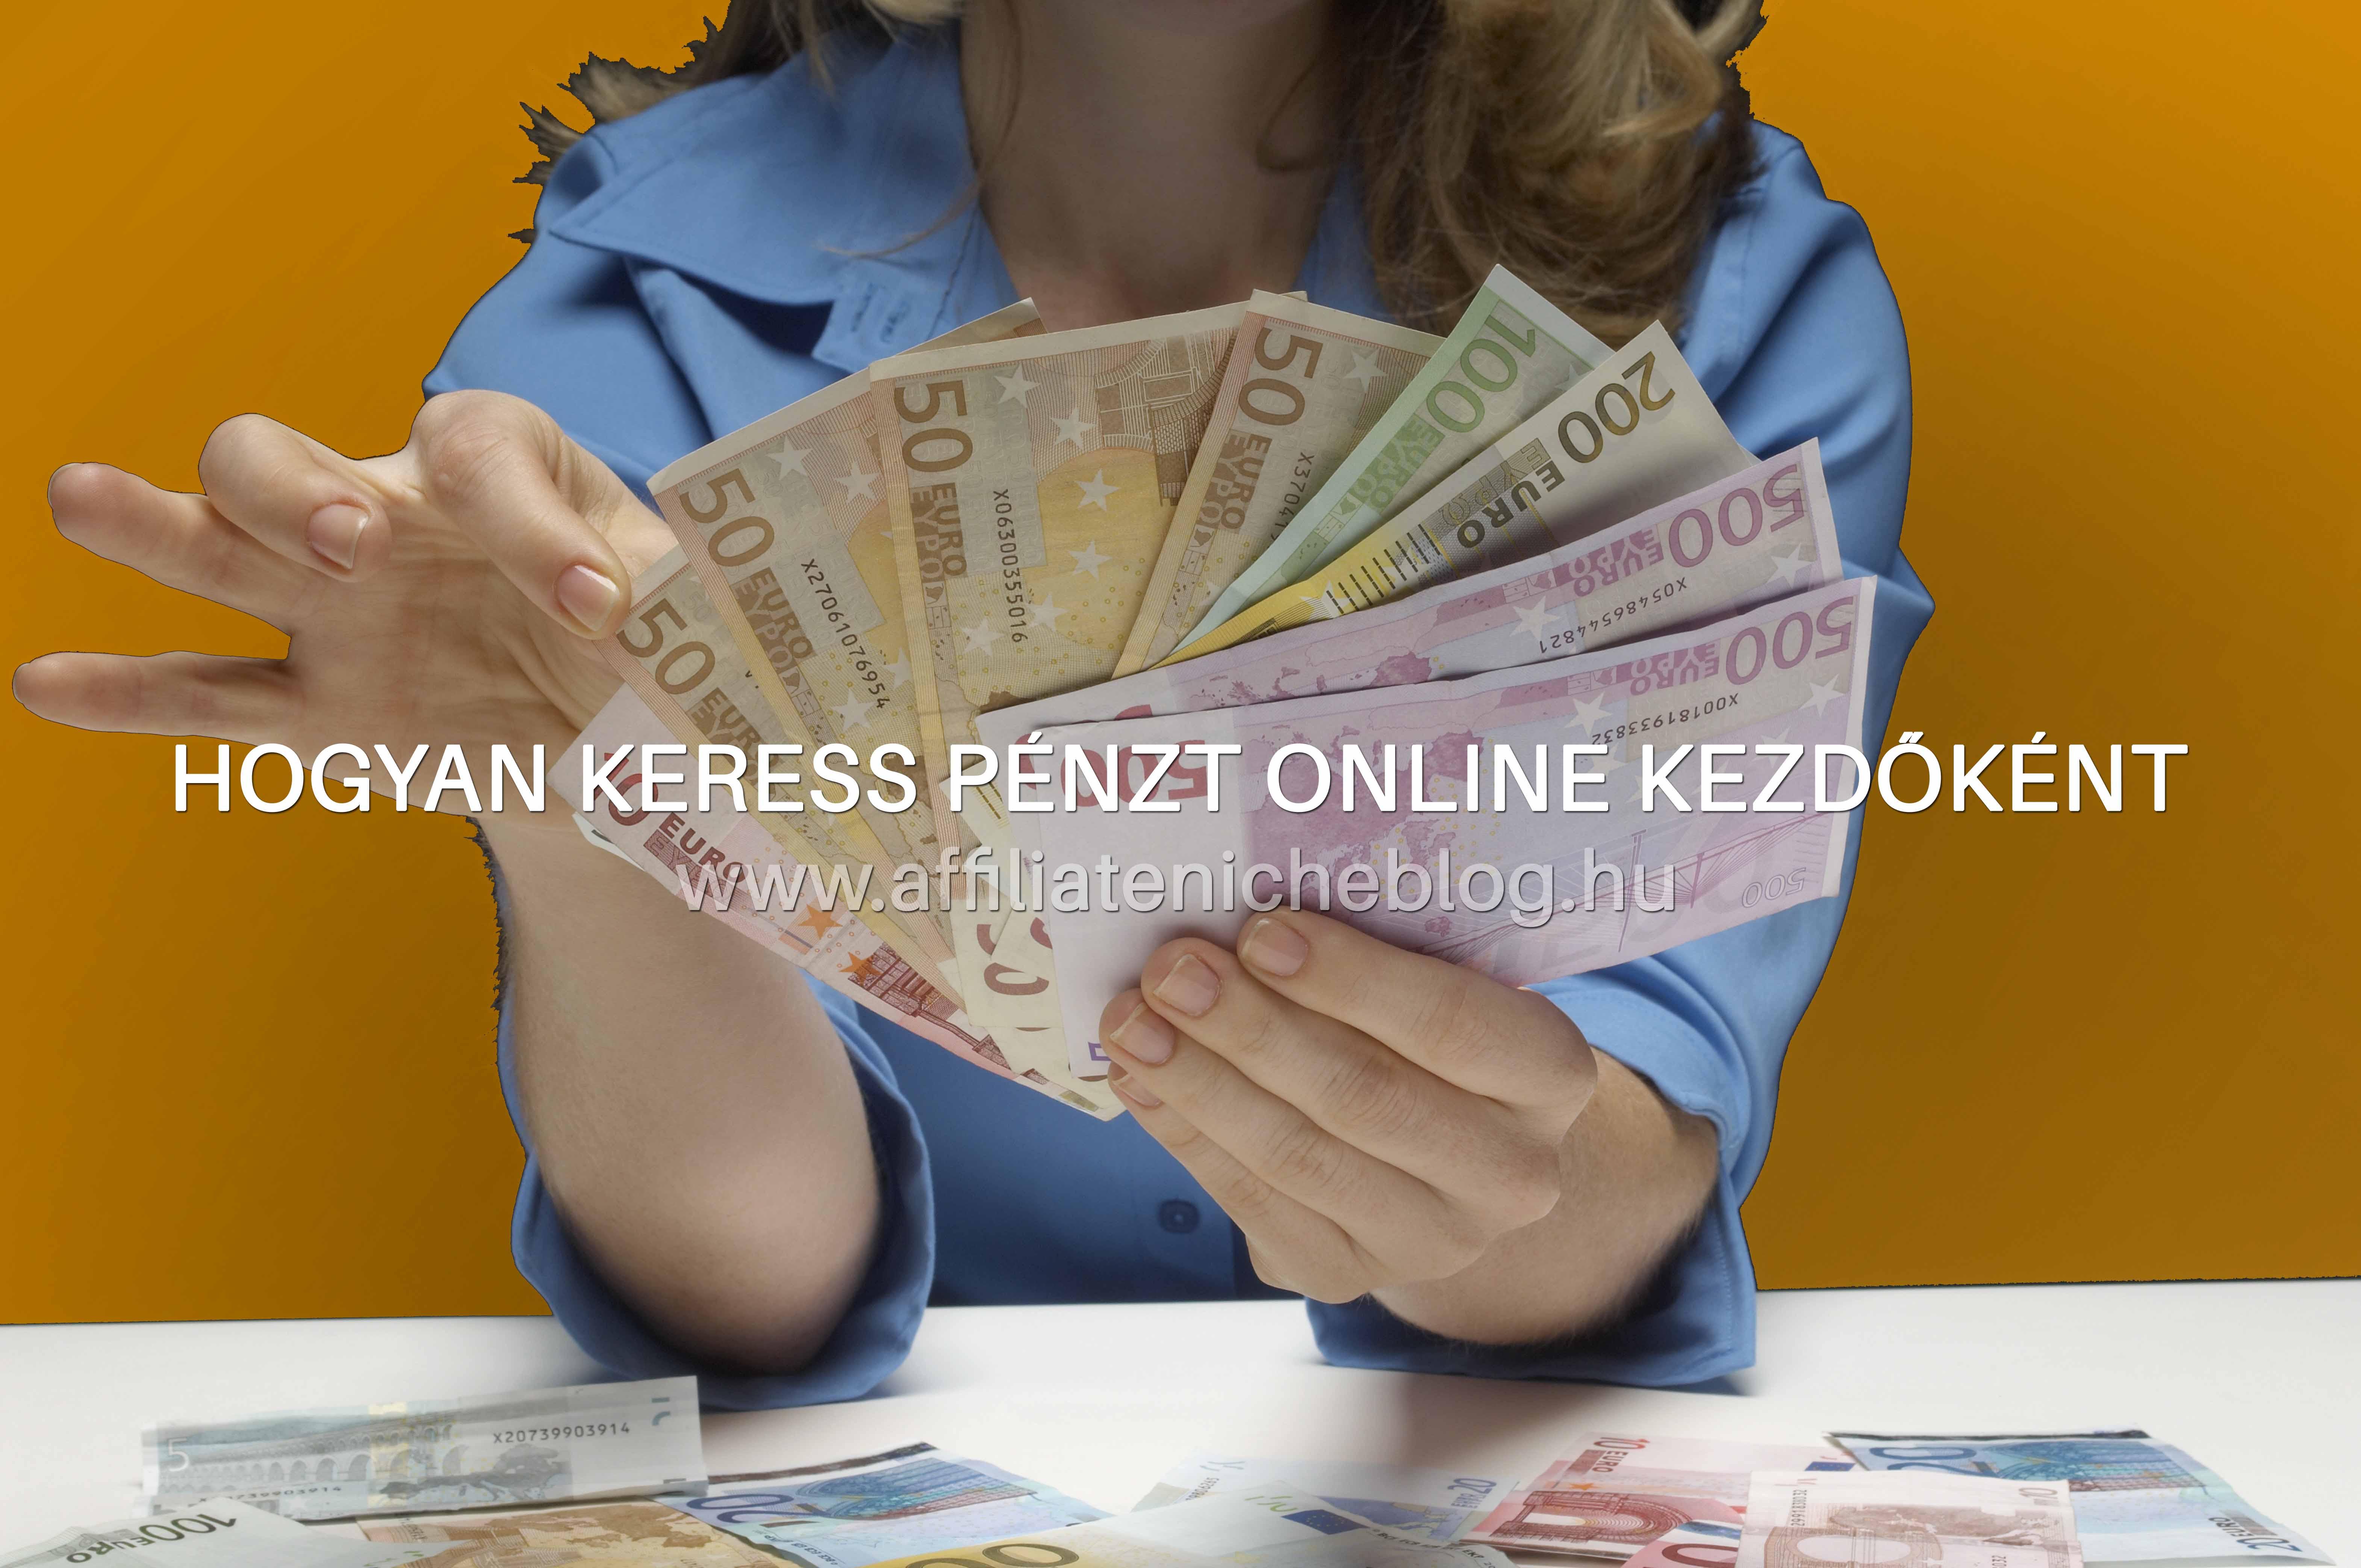 áttekinti azokat a webhelyeket ahol valóban pénzt kereshet